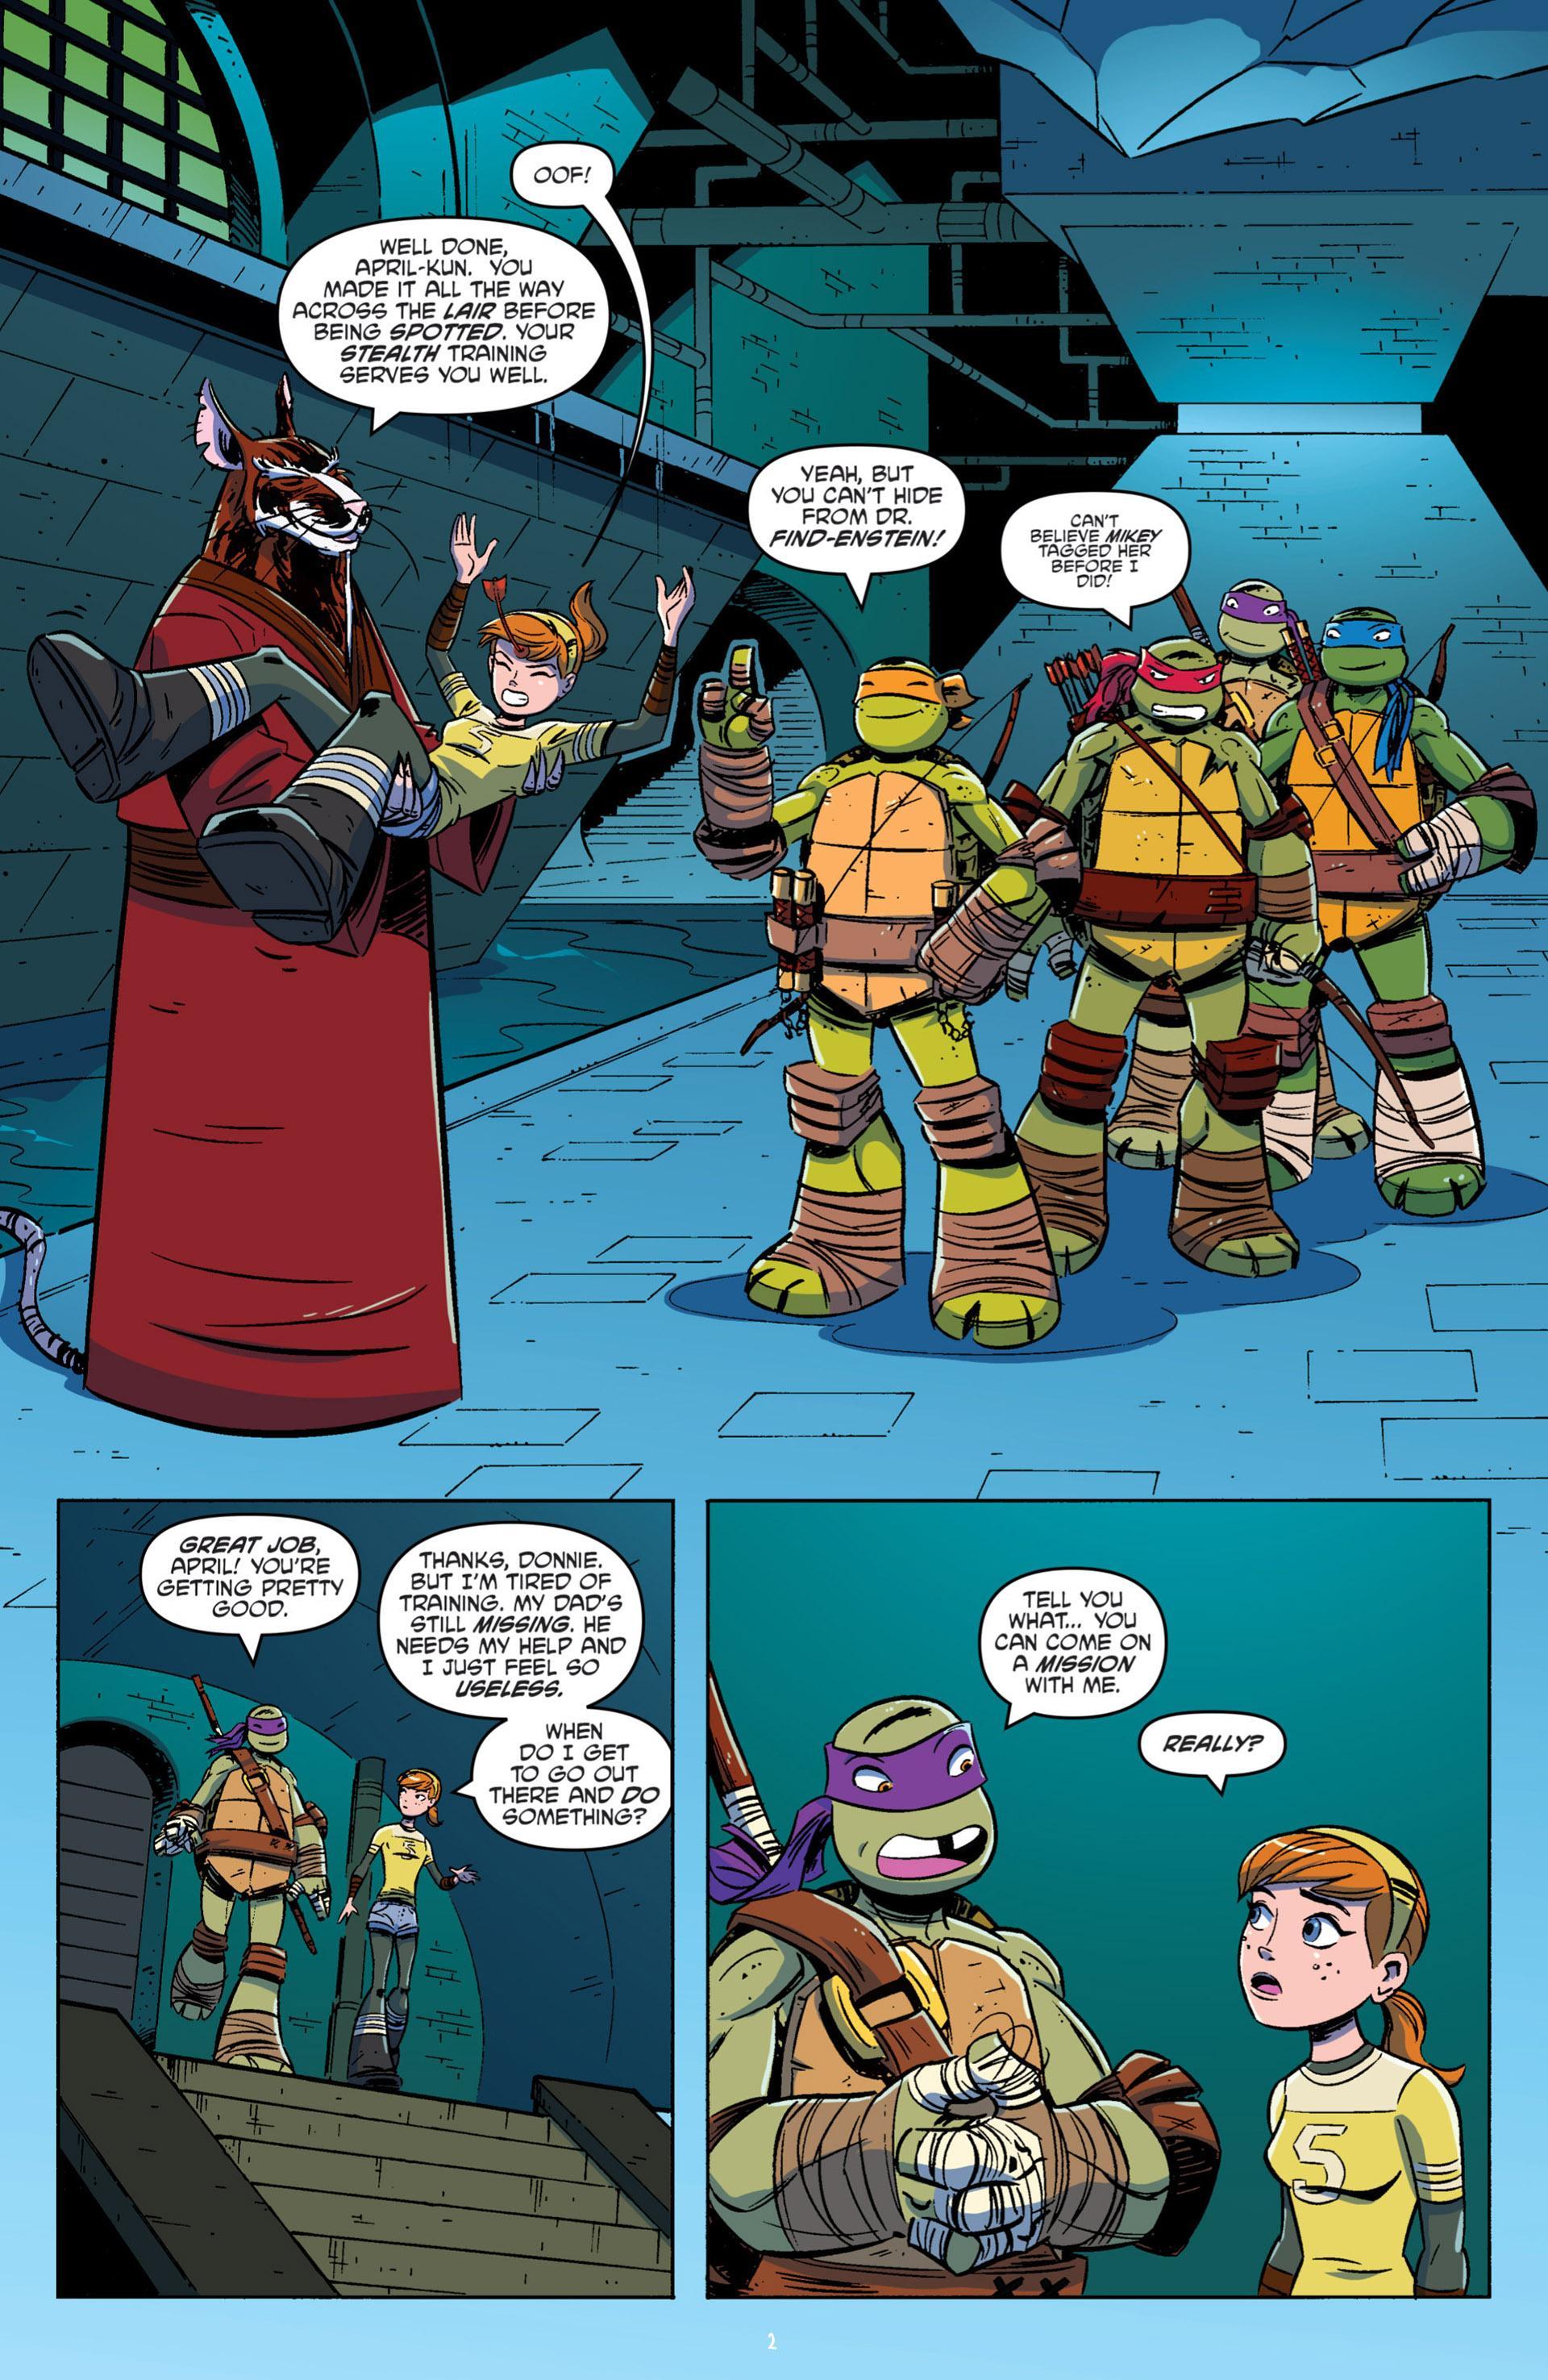 Teenage Mutant Ninja Turtles - New Animated Adventures Omnibus V1 review